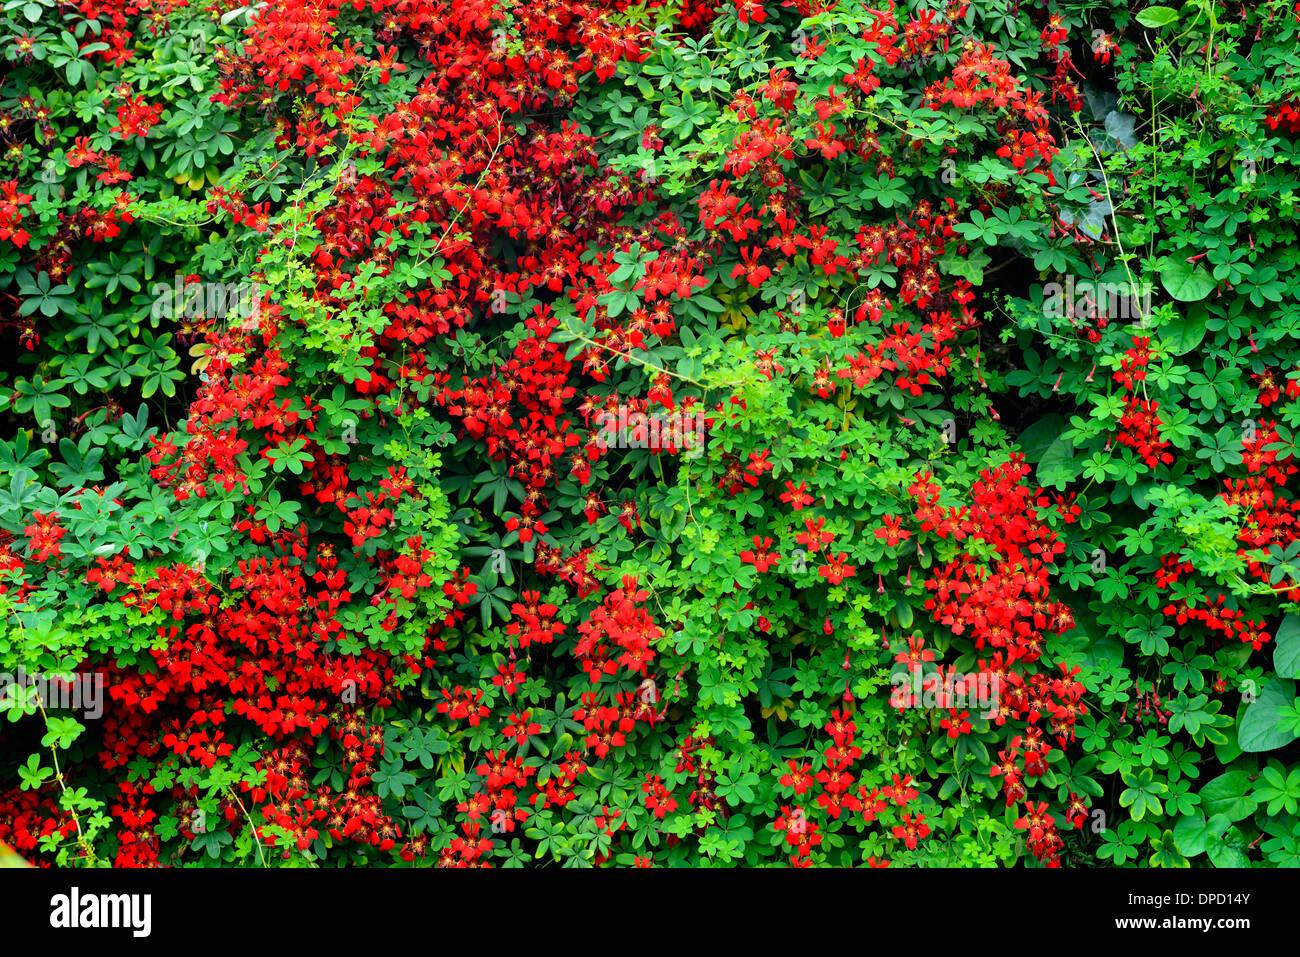 Red Tropaeolum Speciosum Climbing Plant Climber Creeper